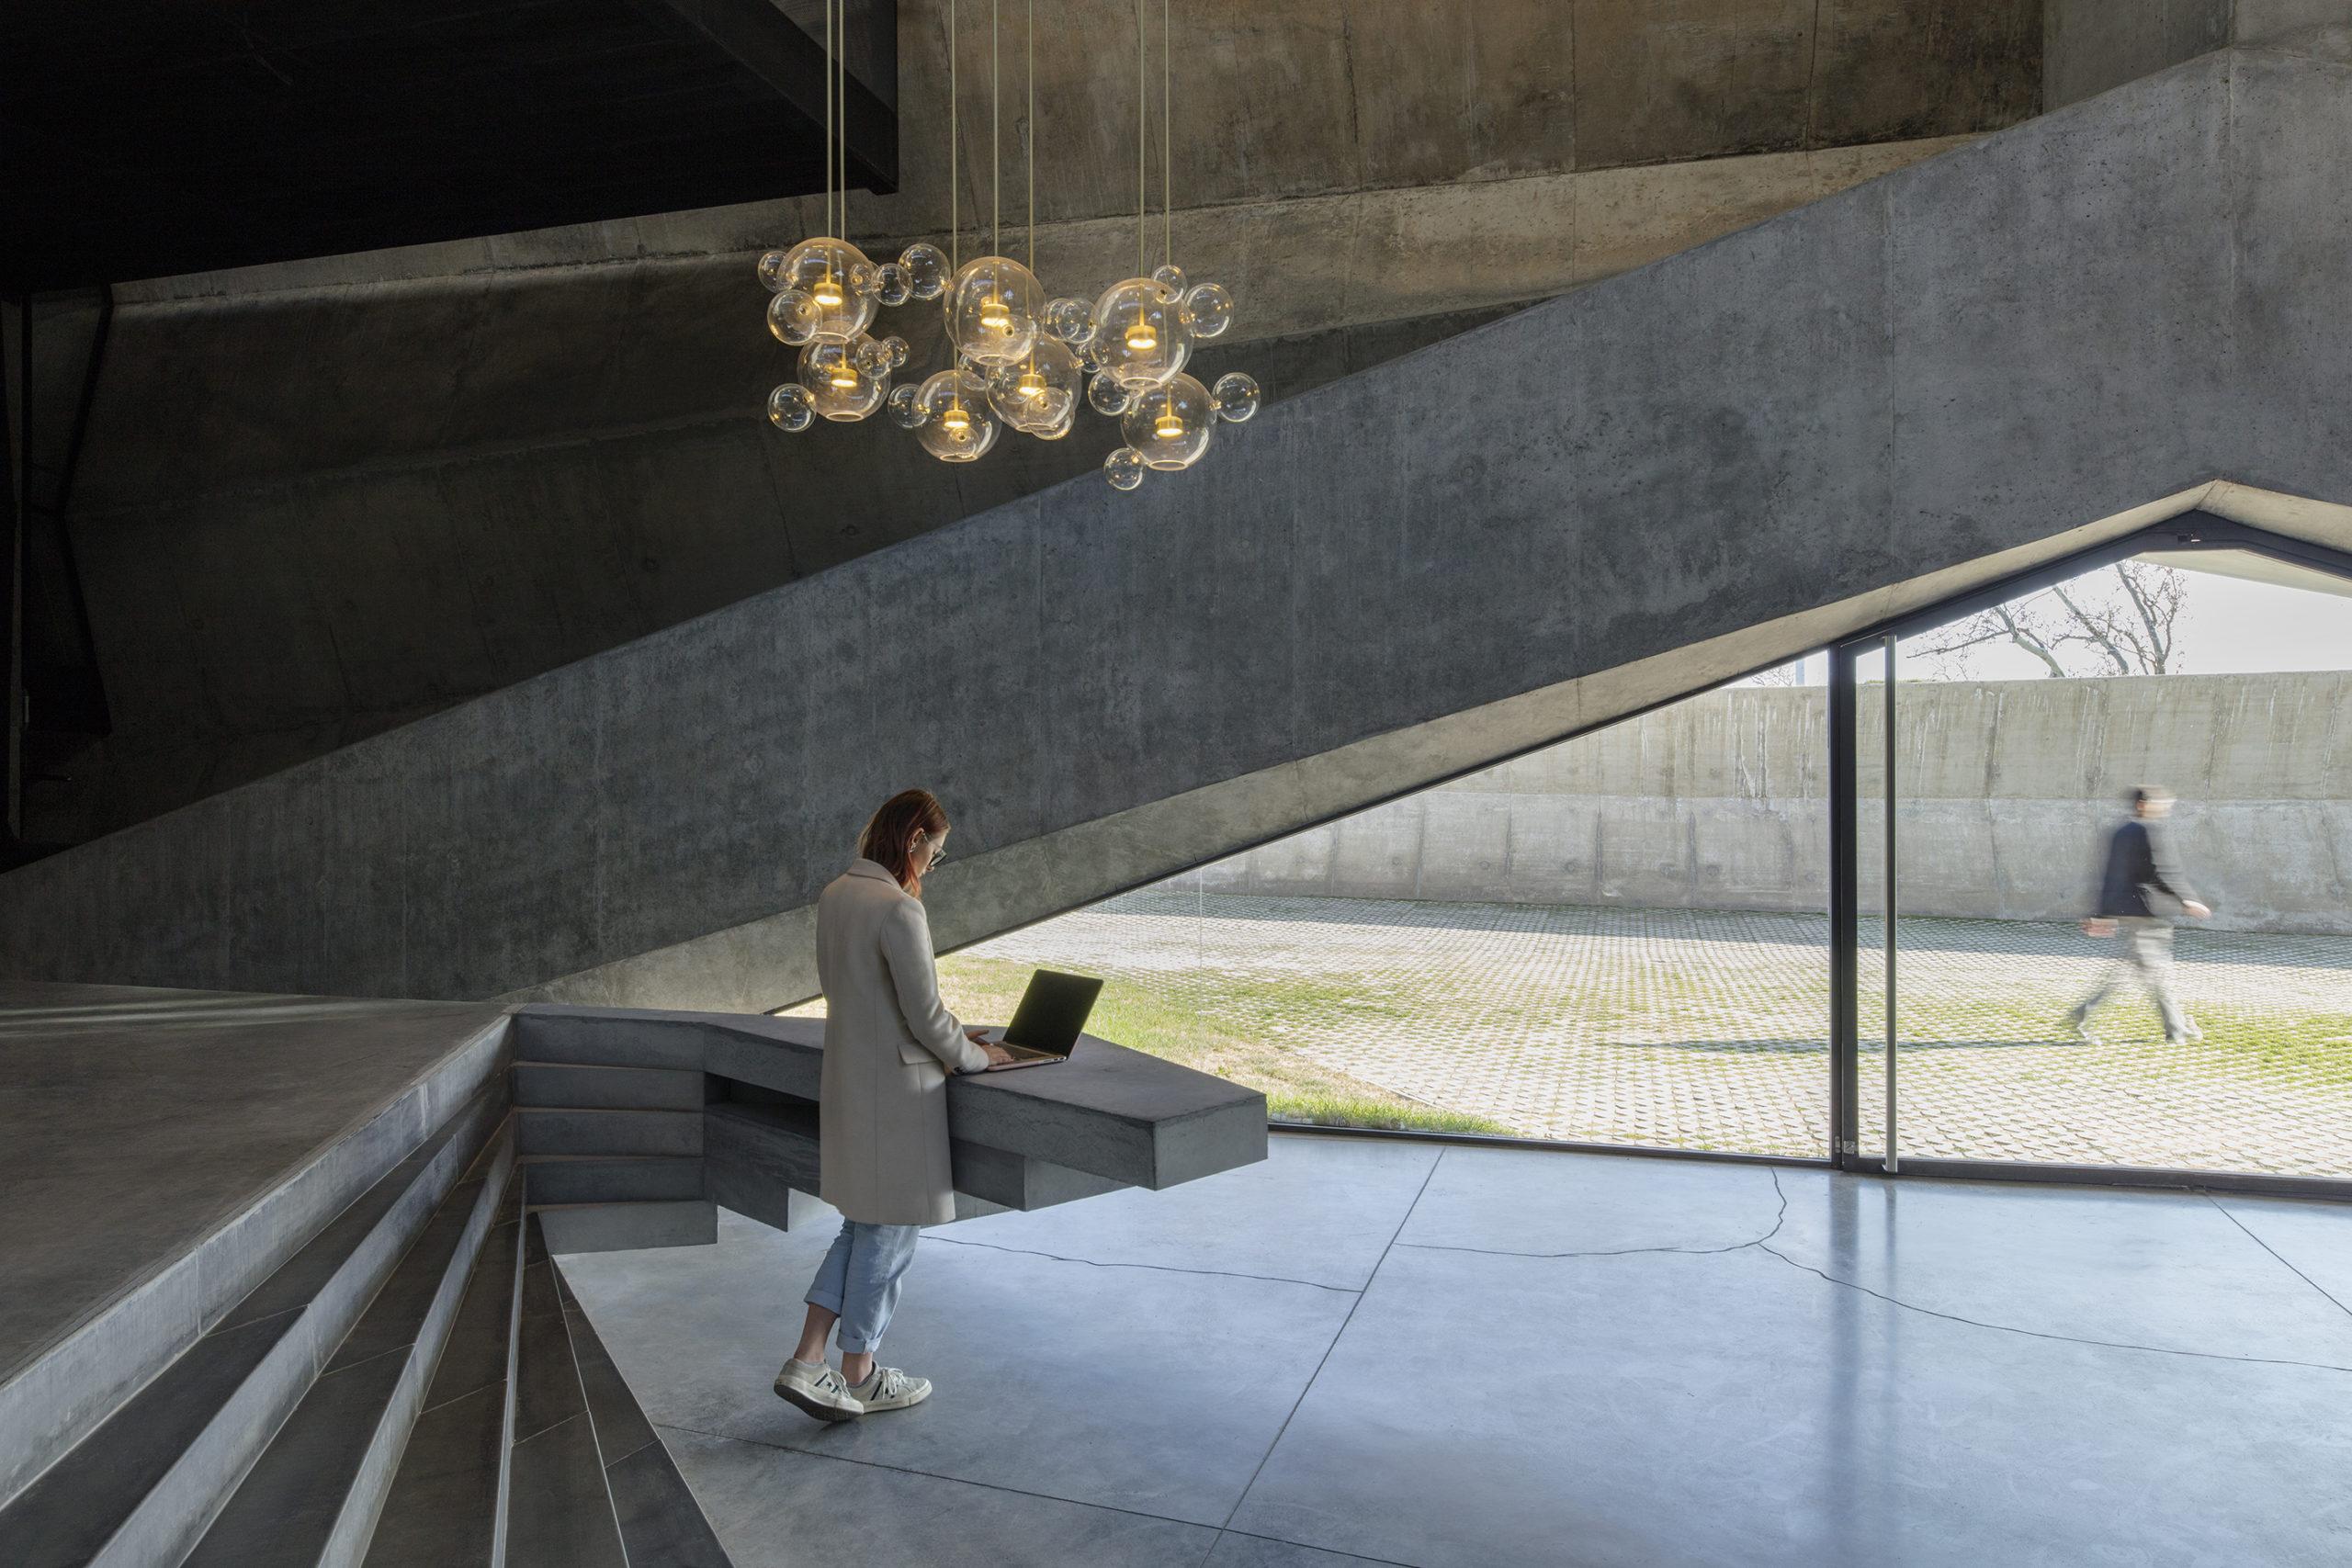 Installation de production de café Meama, Khmaladze Architects, Tibilisi, Géorgie